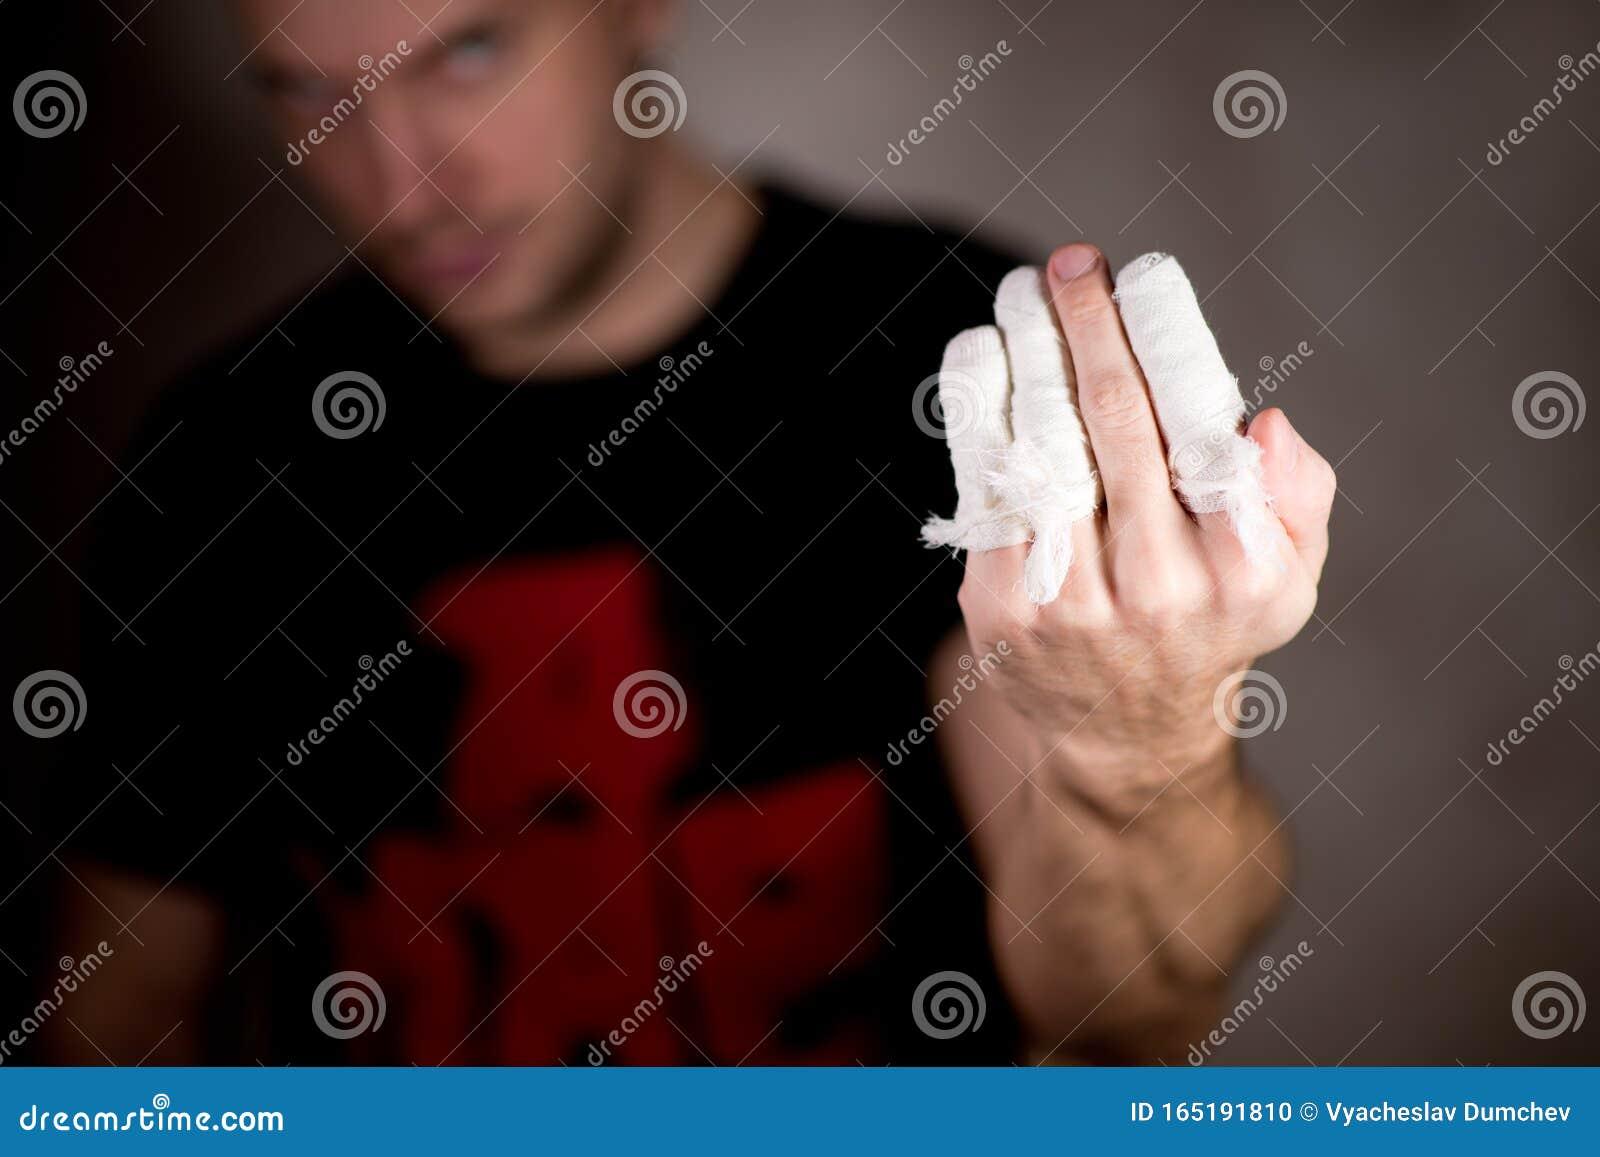 Schwarzer Kerl fingert weißes Mädchen